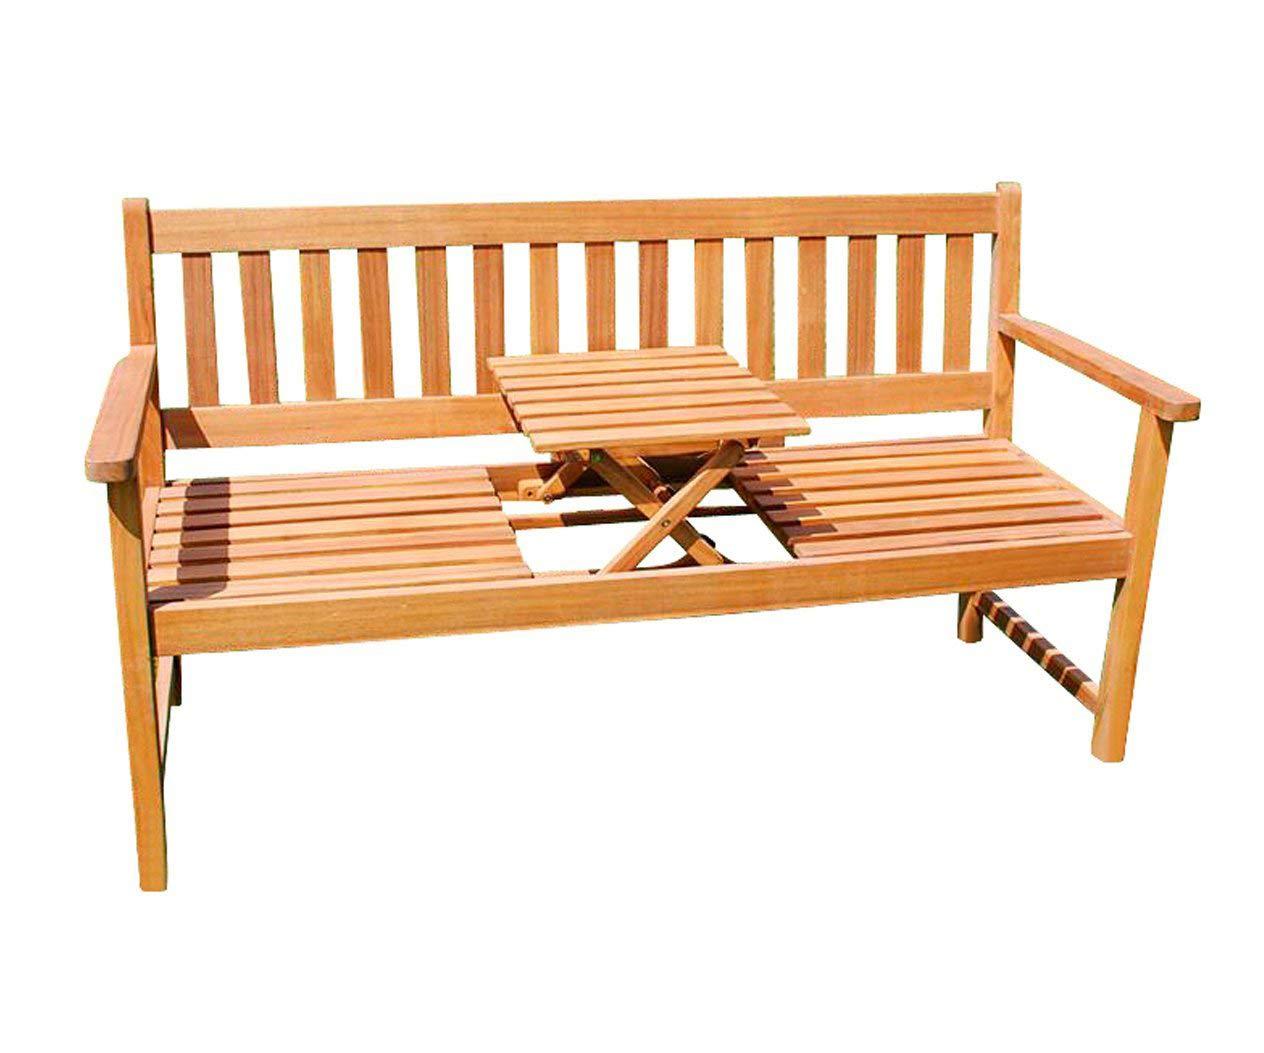 SAM 3-Sitzer Gartenbank Lorenzo Holzbank mit integriertem & einklappbarem Tisch, 157 x 60 cm, Akazie massiv, FSC 100% Zertifiziert